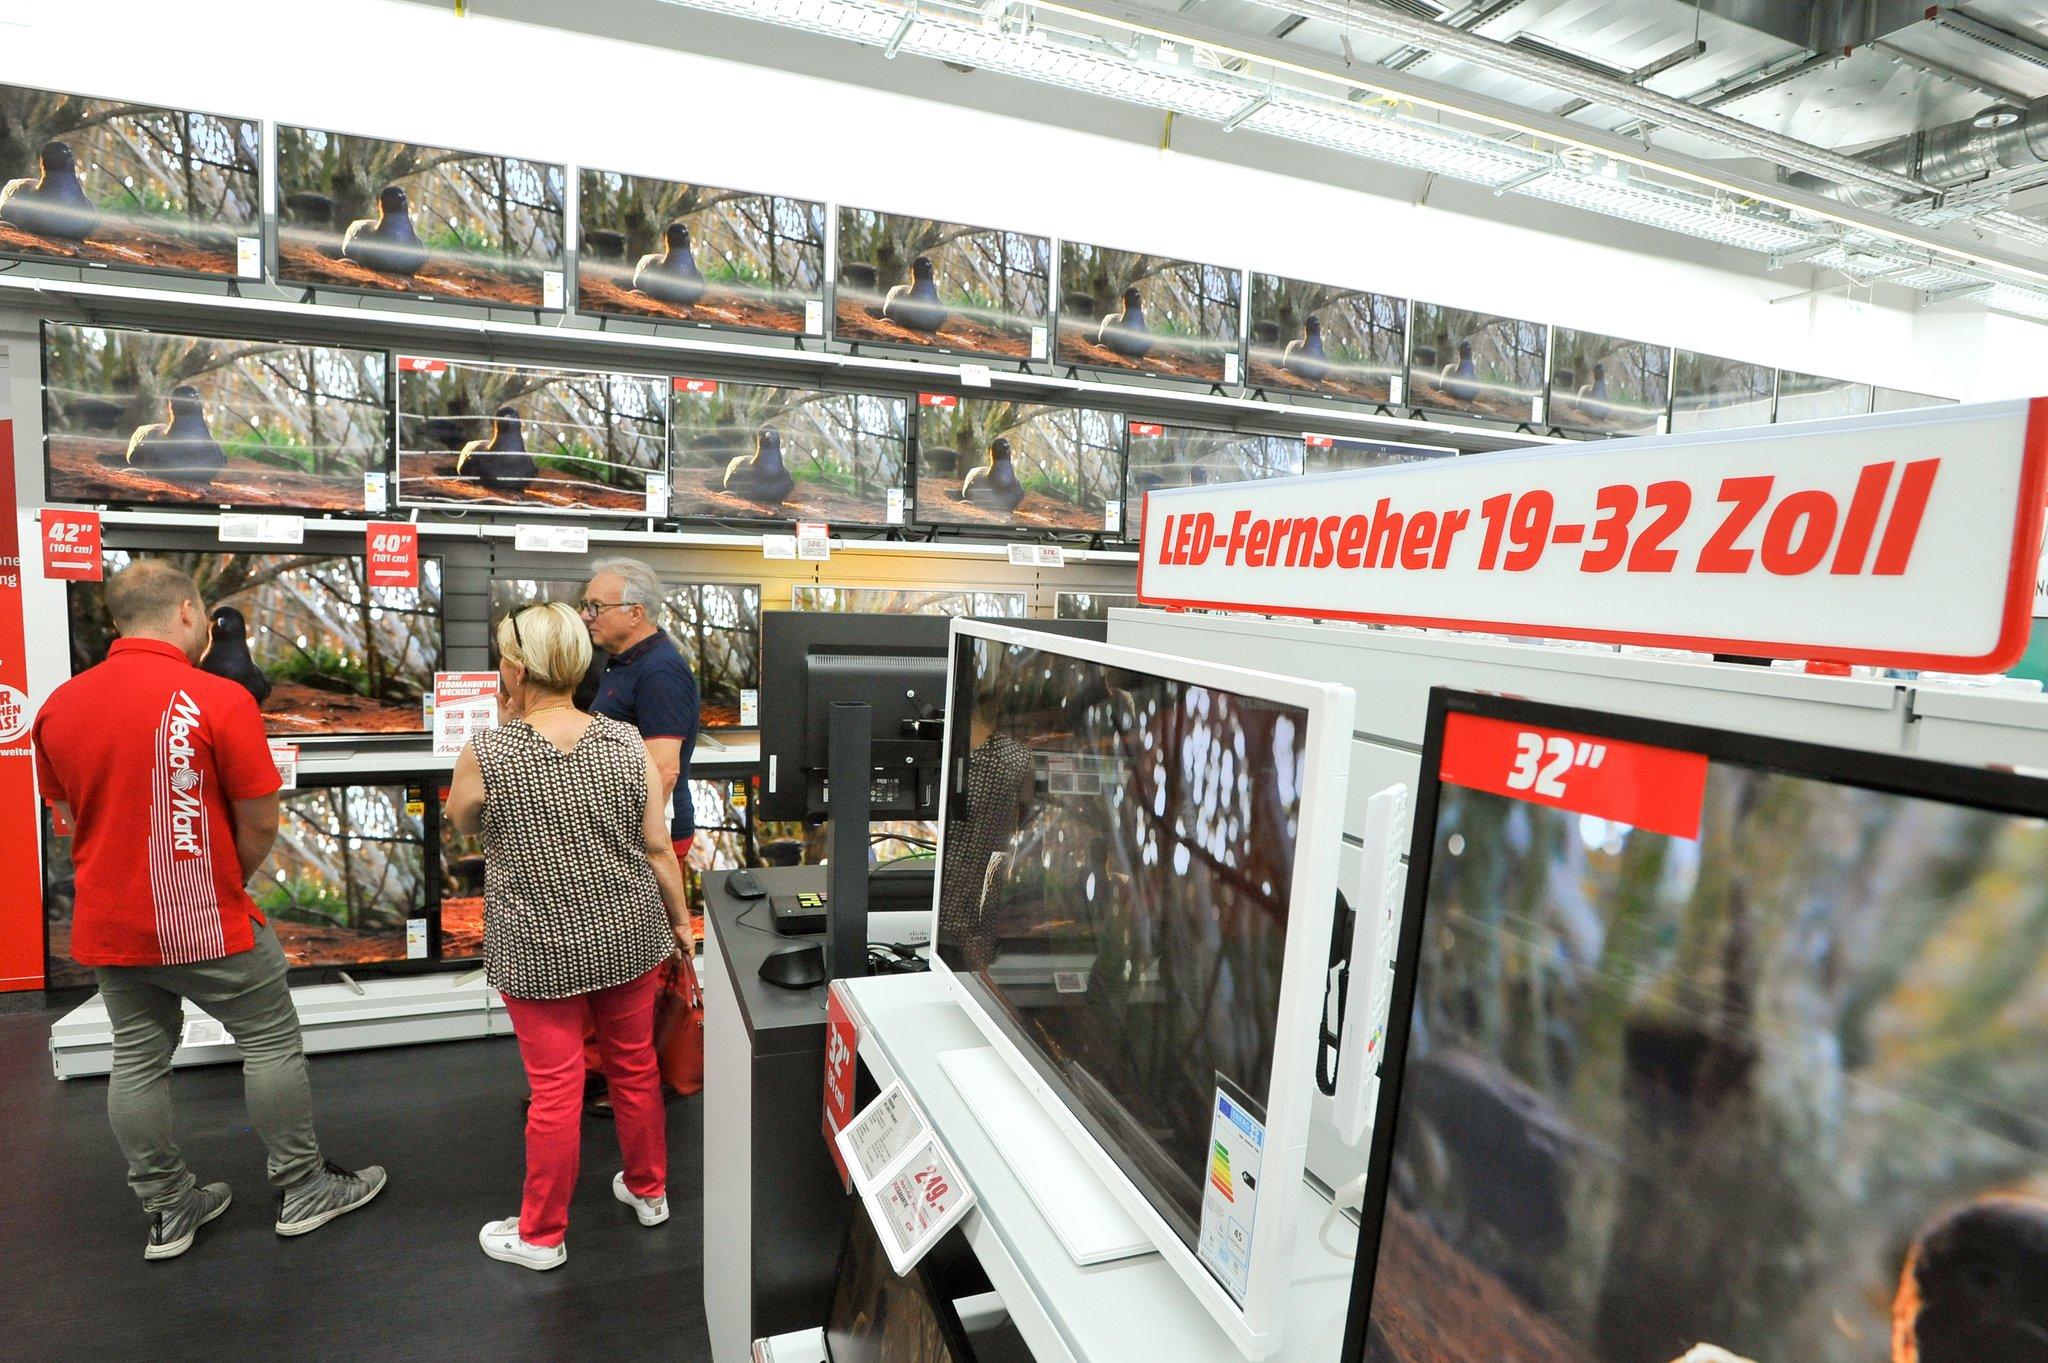 Auto Kühlschrank Media Markt : Kühlschrank für auto media markt mediamarkt leipzig bietet